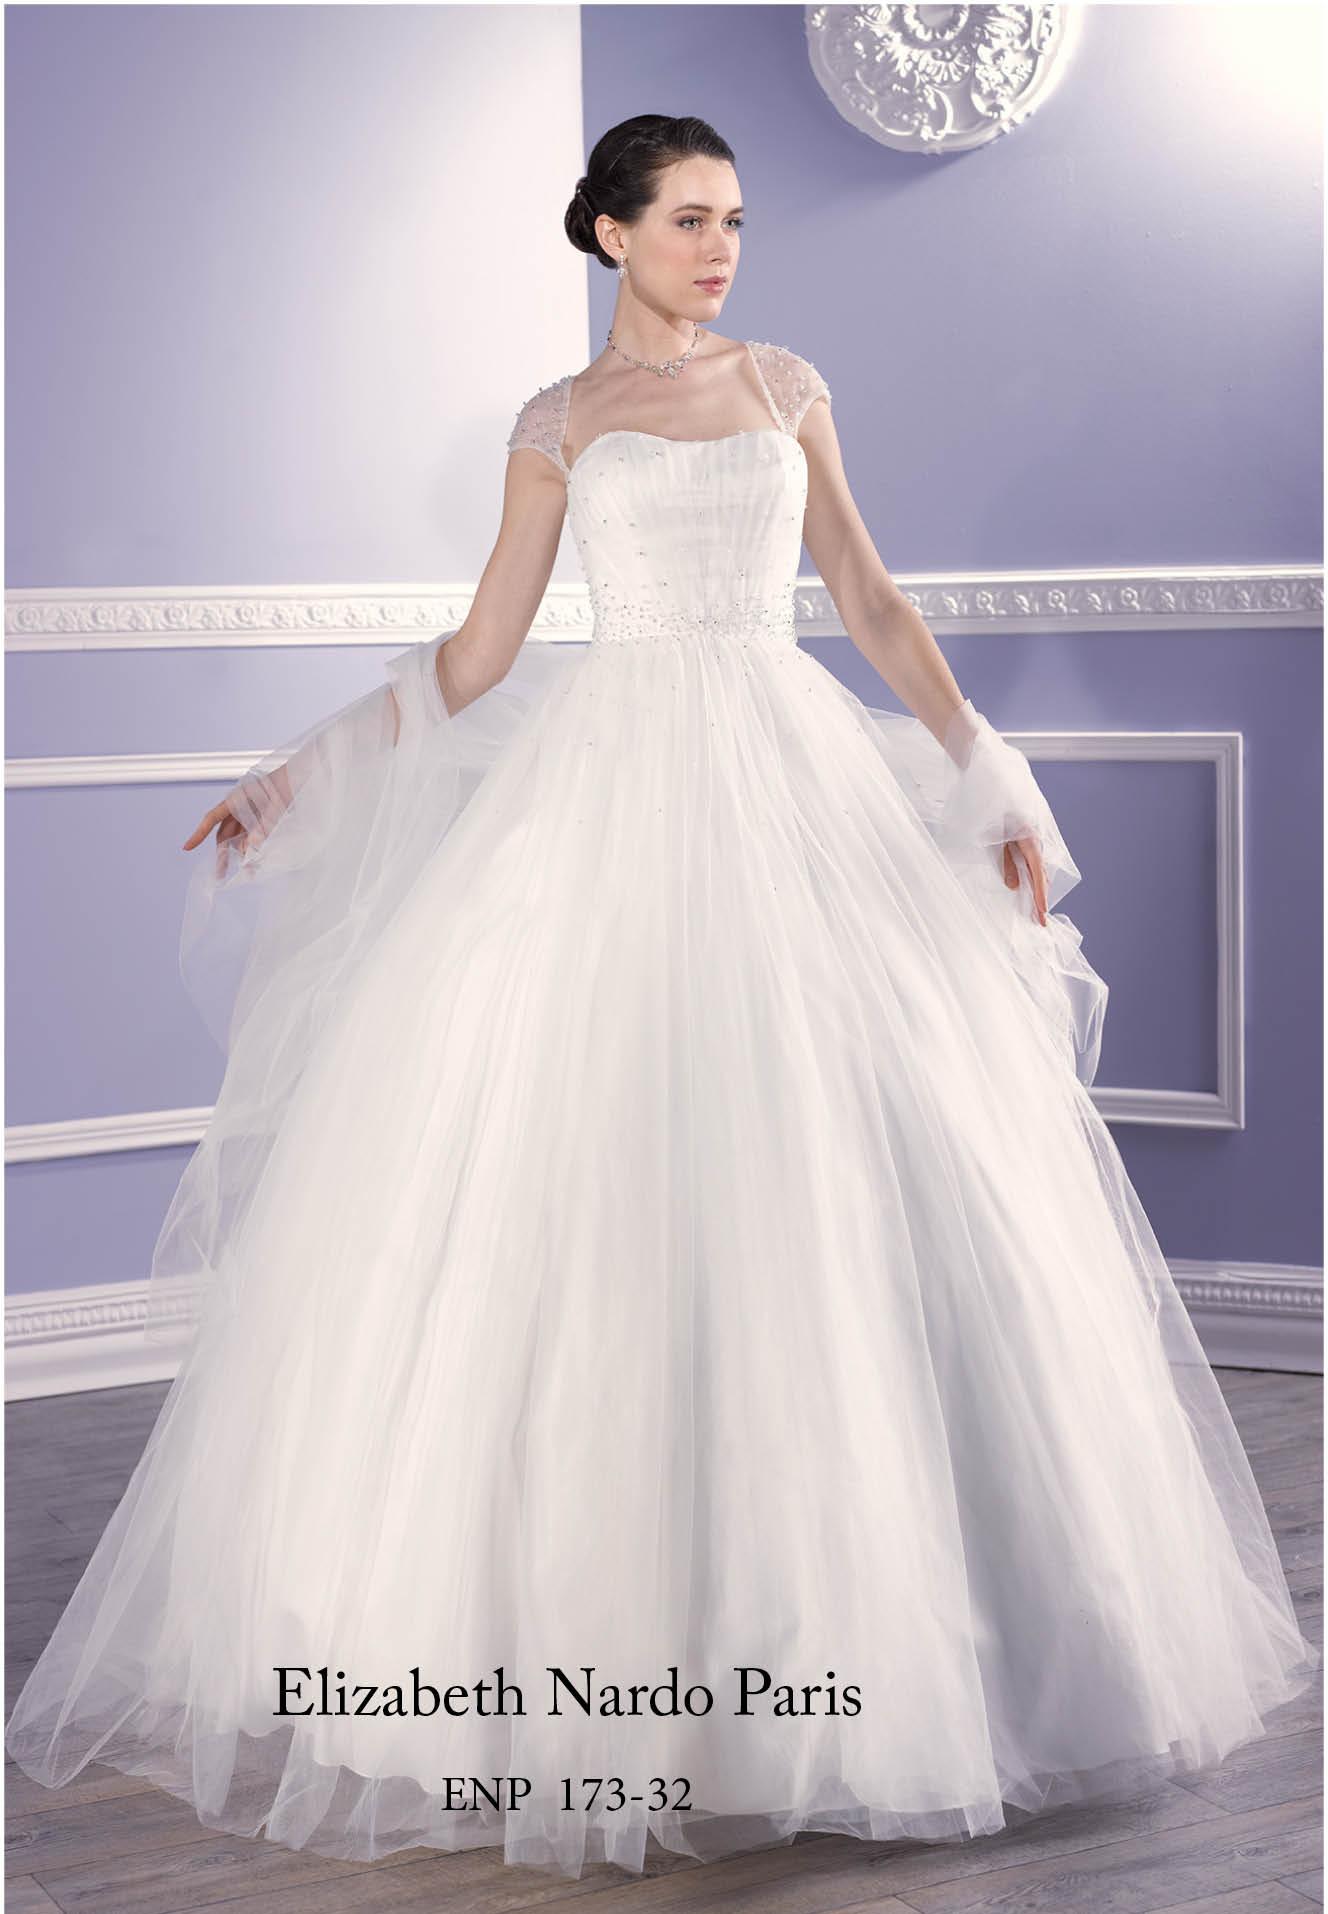 e0cba7dfde Menyasszonyi ruha és menyecske ruha Plus Size - Plus size ...